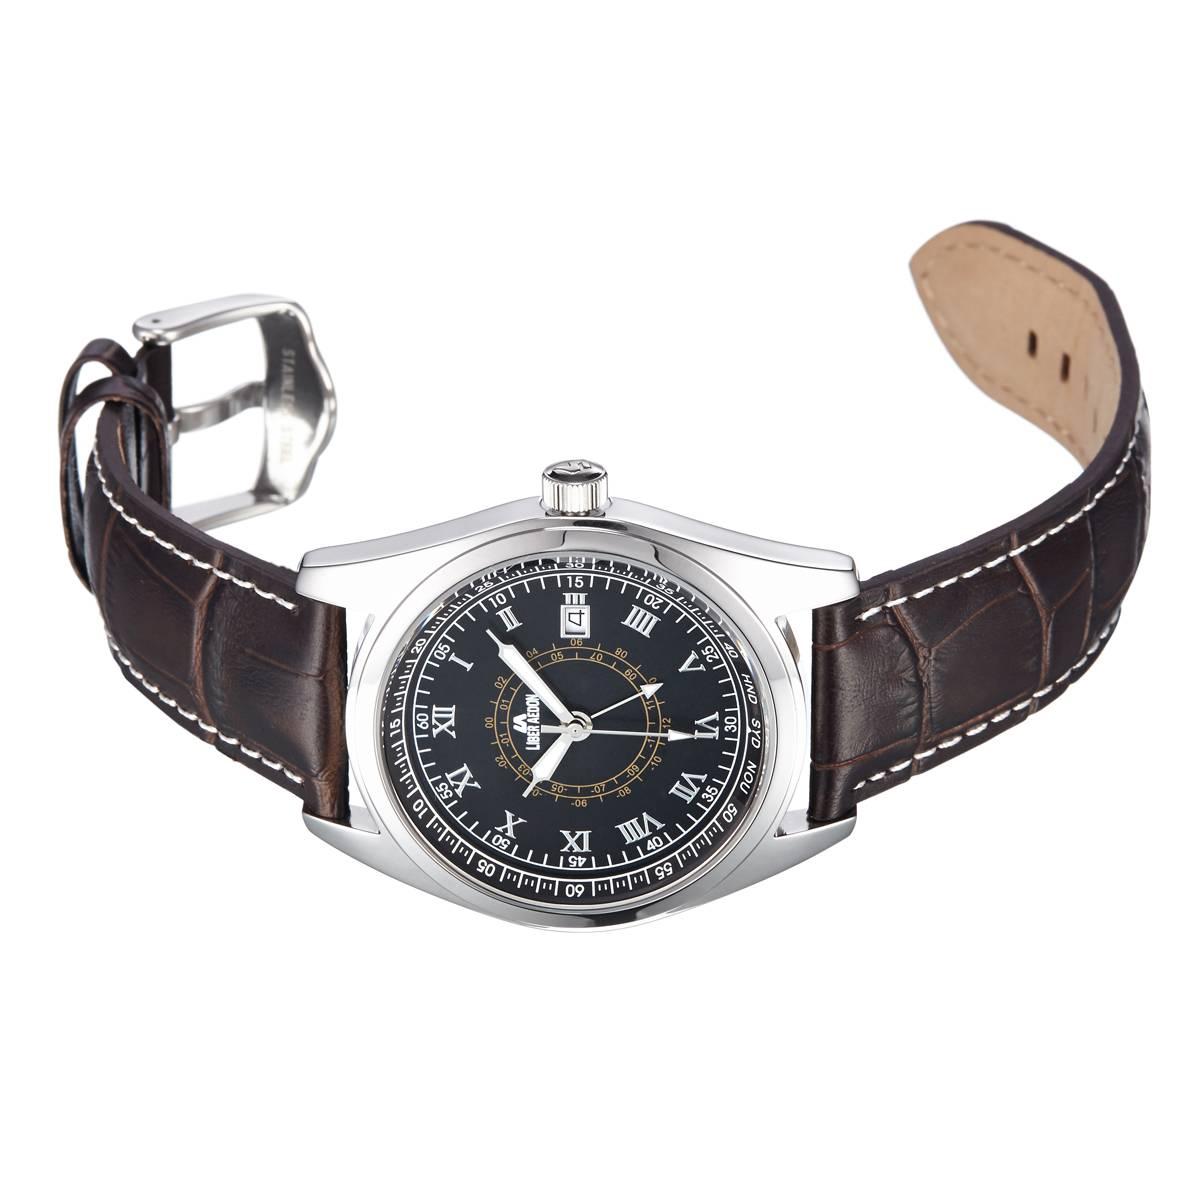 Wholesale Branded Quartz Watch, Automatic Mechanical Watch, Mechanical Watch